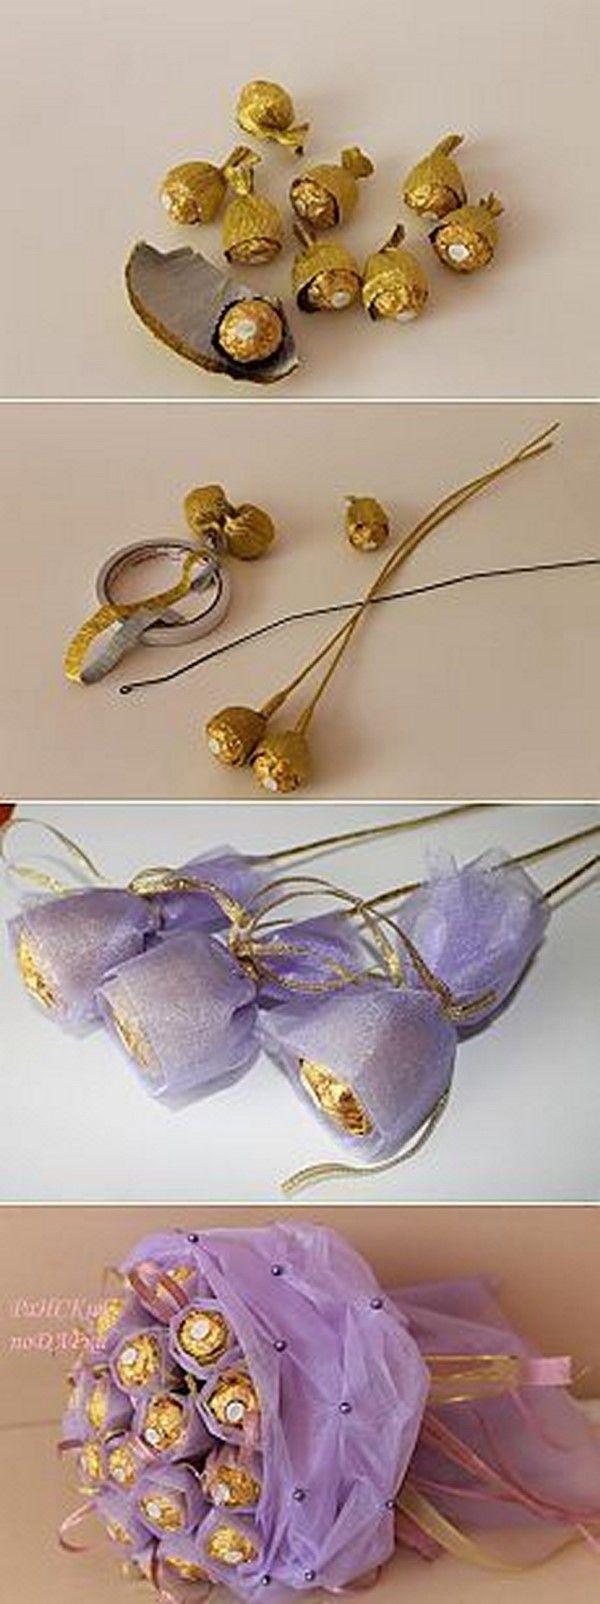 Букеты из конфет. цветы своими руками из гофрированной бумаги. мастер-класс пошагово для начинающих, фото-инструкции